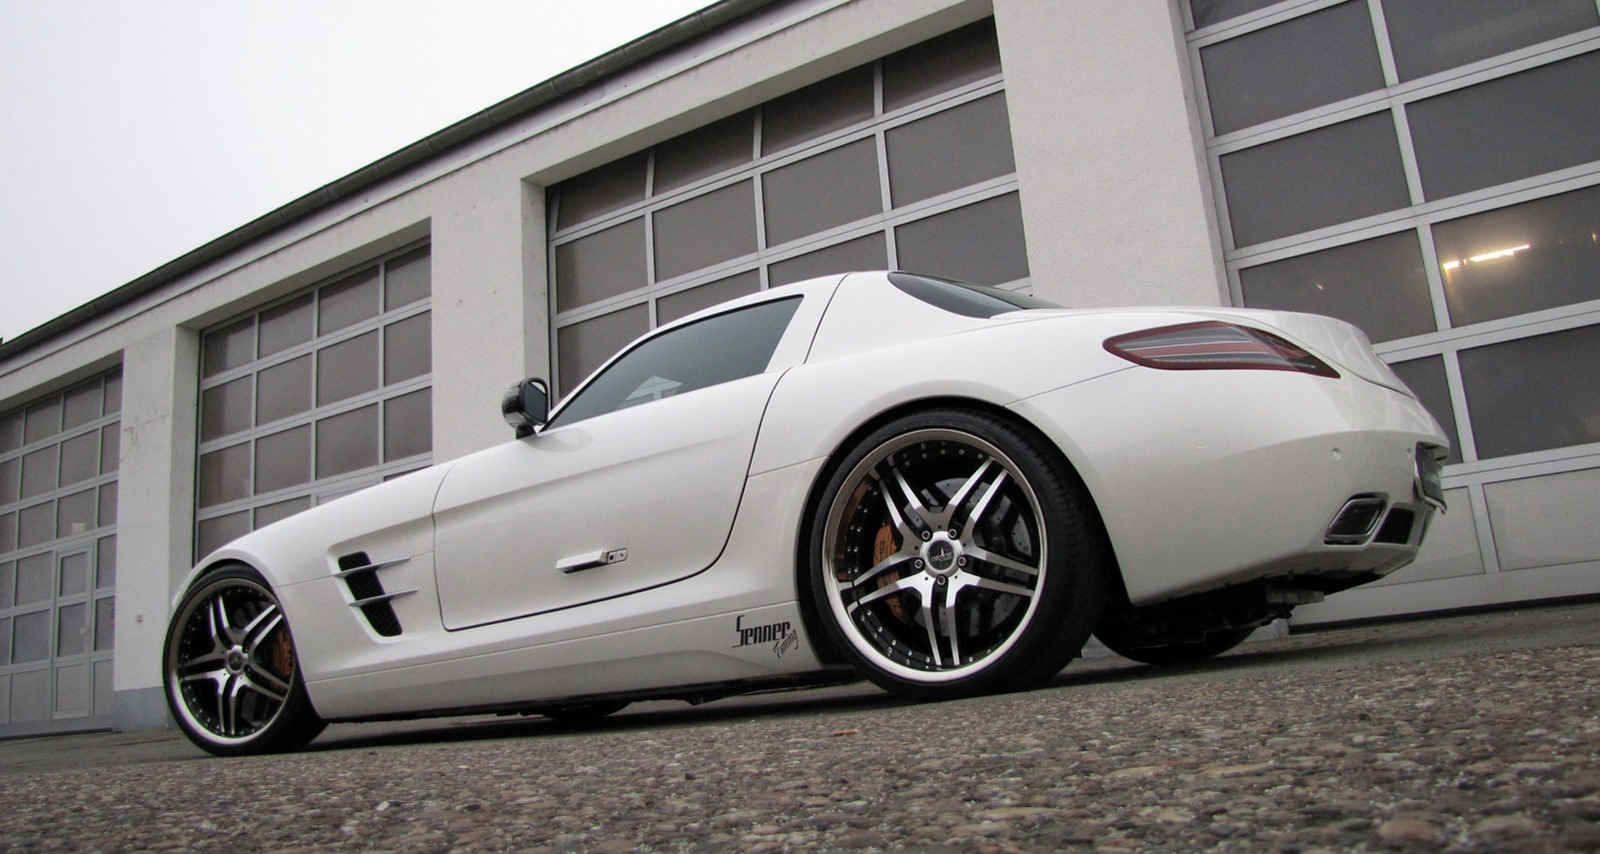 Senner představil lehčí úpravy pro Mercedes-Benz SLS AMG 7